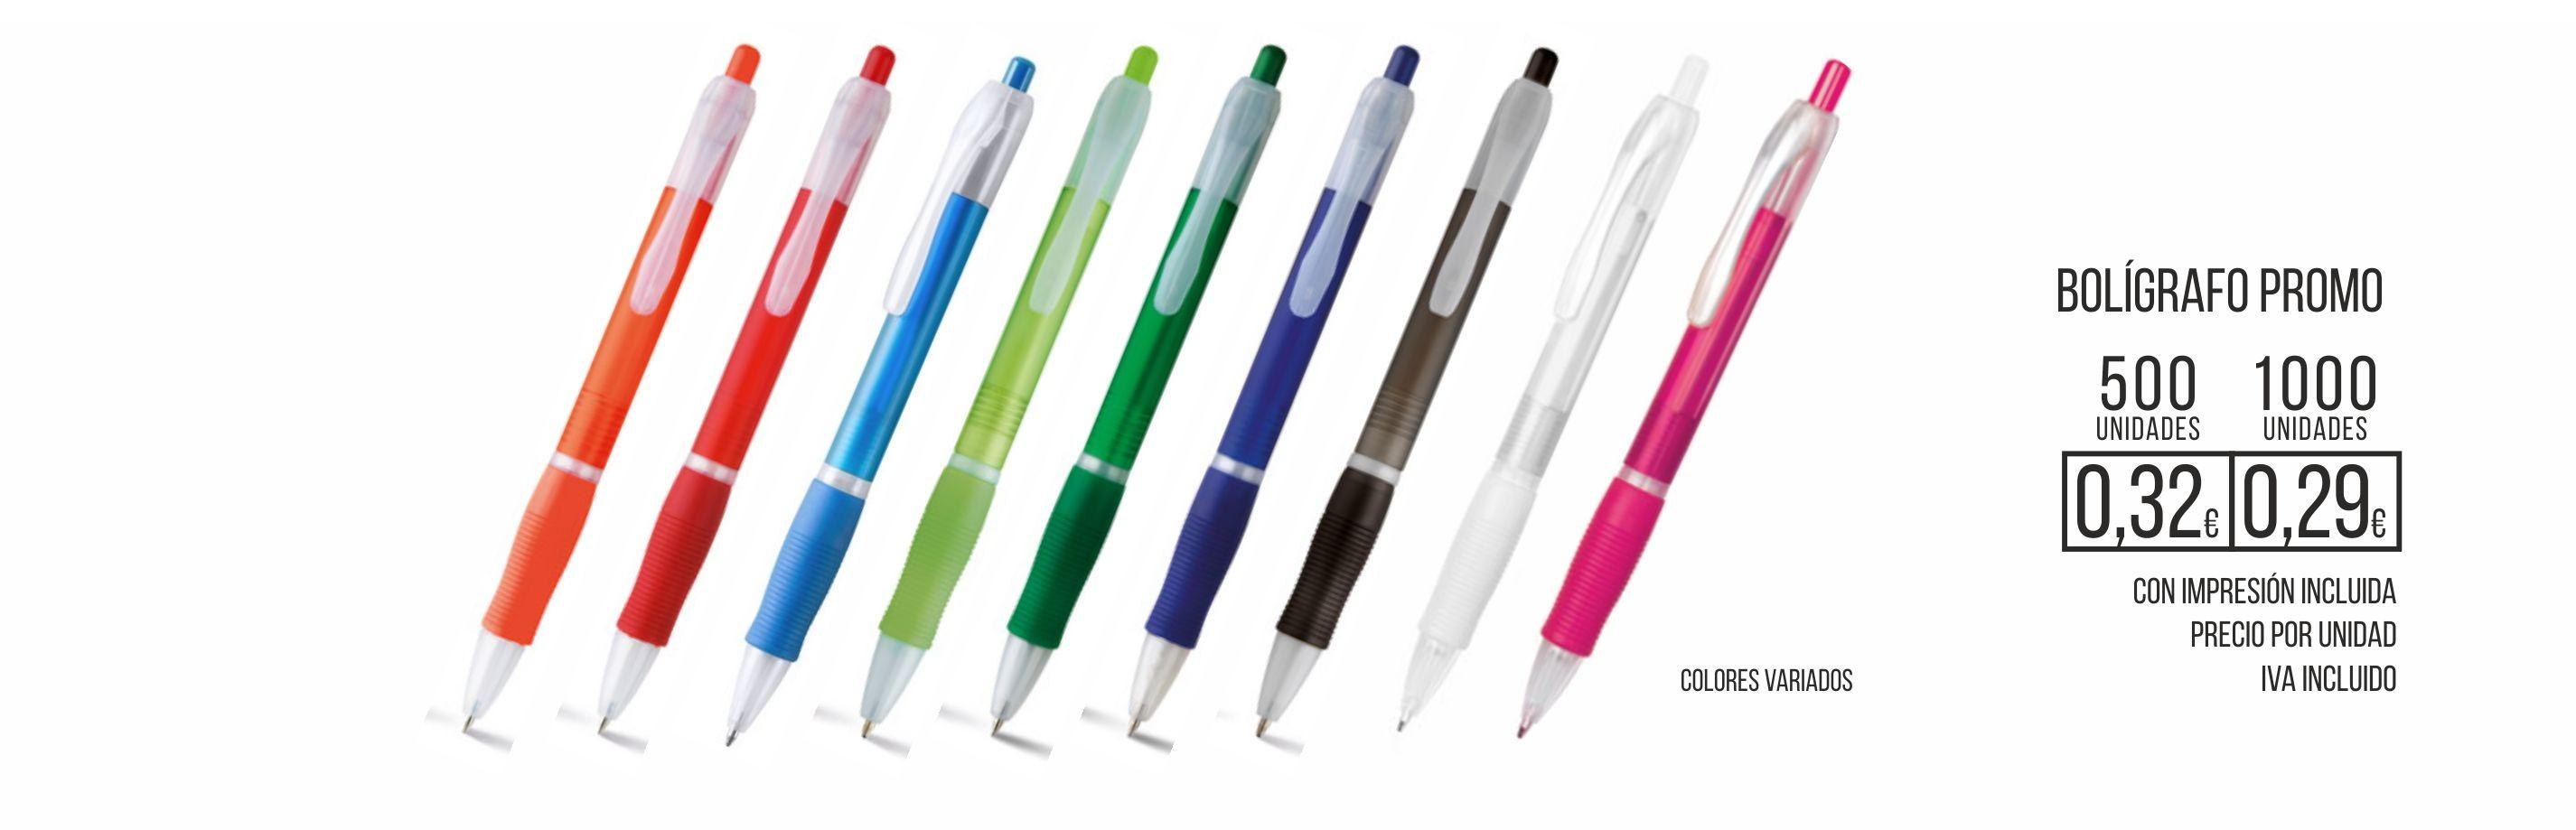 Bolígrafo Promo colores variados con impresión del logotipo de su empresa